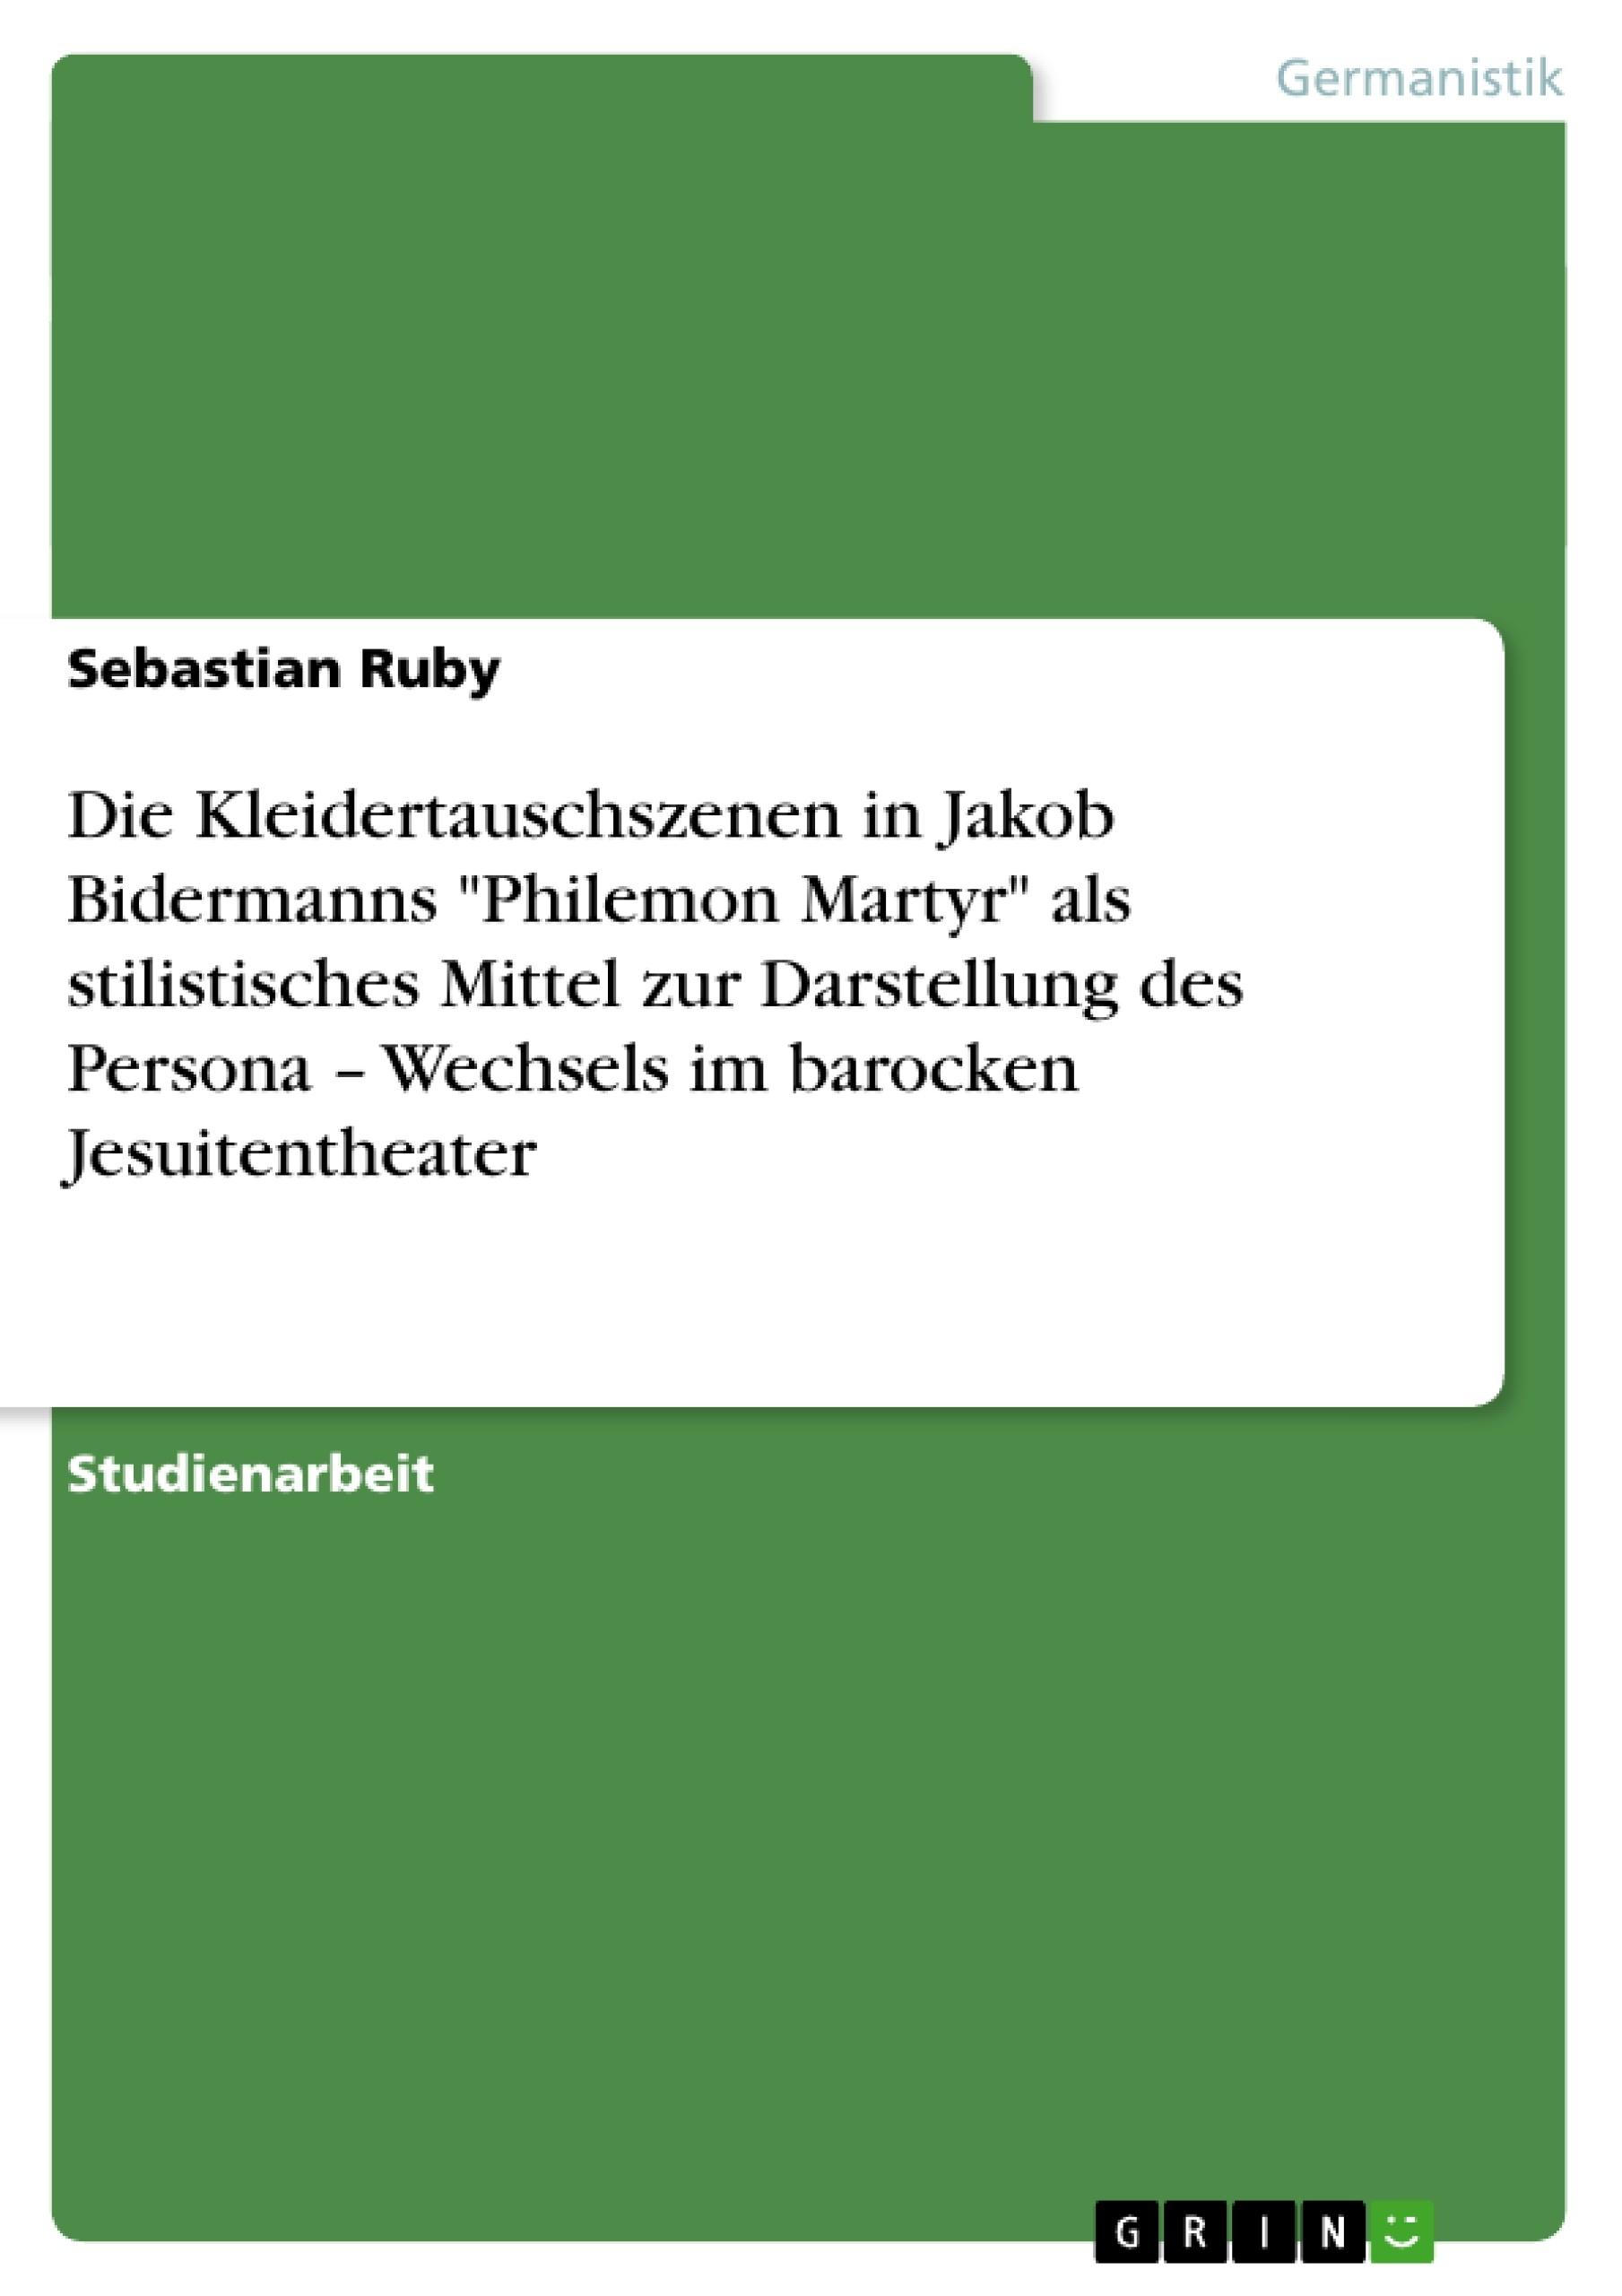 """Titel: Die Kleidertauschszenen in Jakob Bidermanns """"Philemon Martyr"""" als stilistisches Mittel zur Darstellung des Persona – Wechsels im barocken Jesuitentheater"""